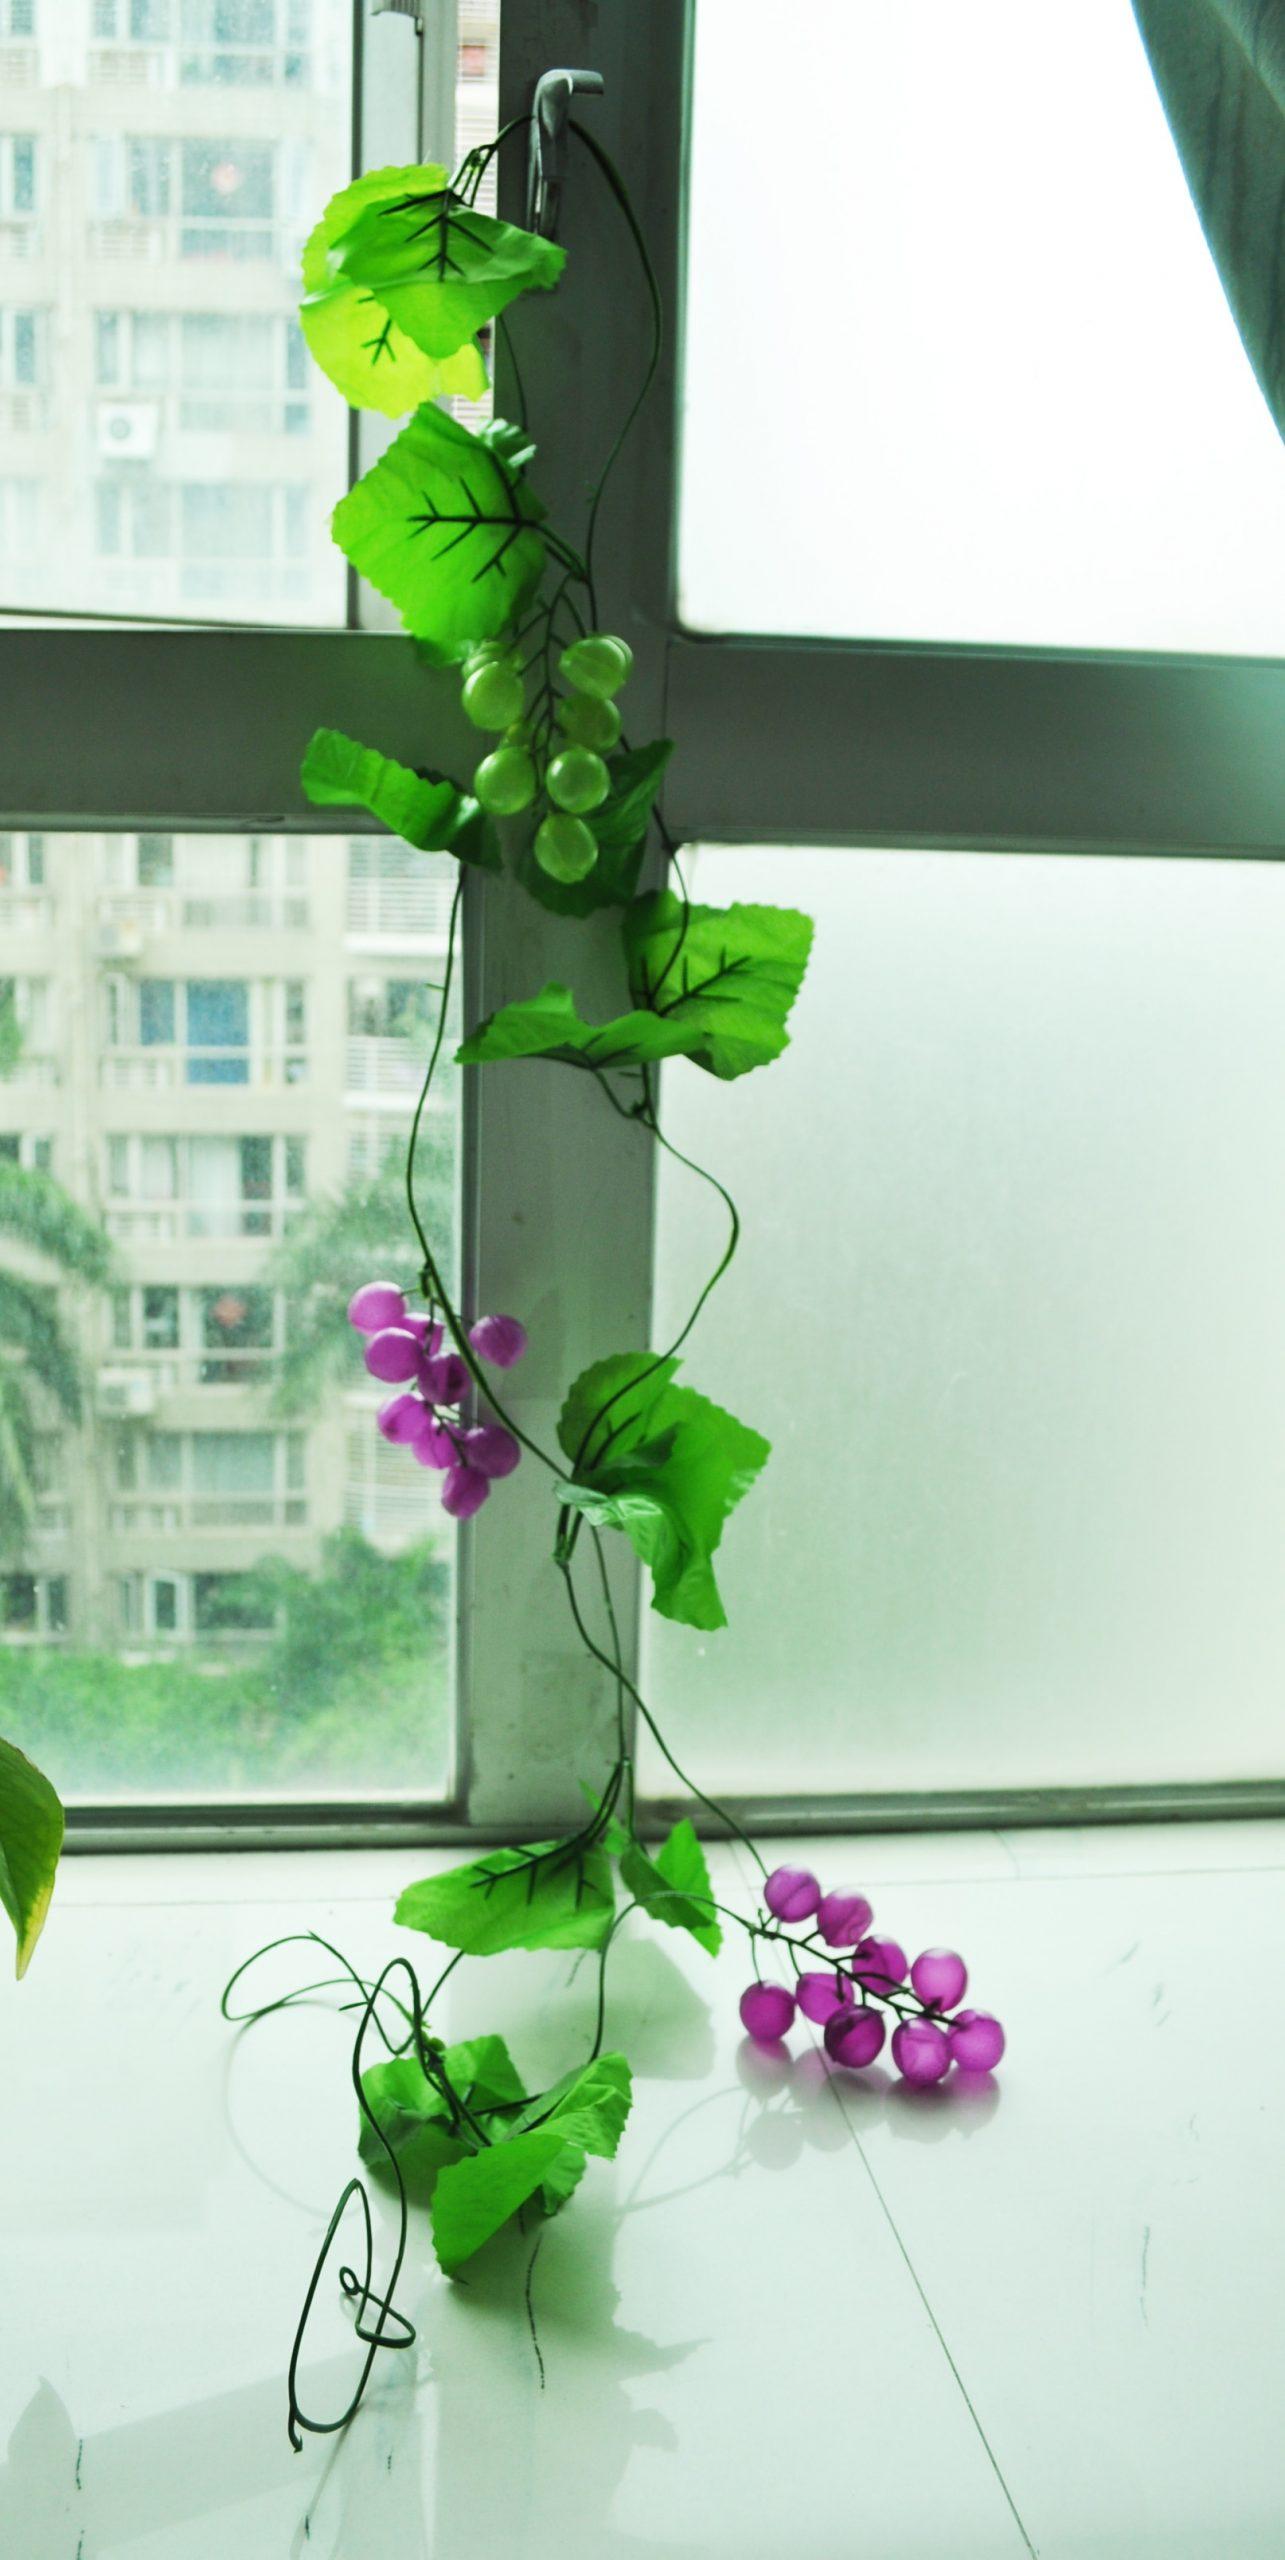 Uesh-Ev Dekoratif Yeşil Yapay Üzüm Asması 7.9 Ft destiné Salon De Jardin Hawai